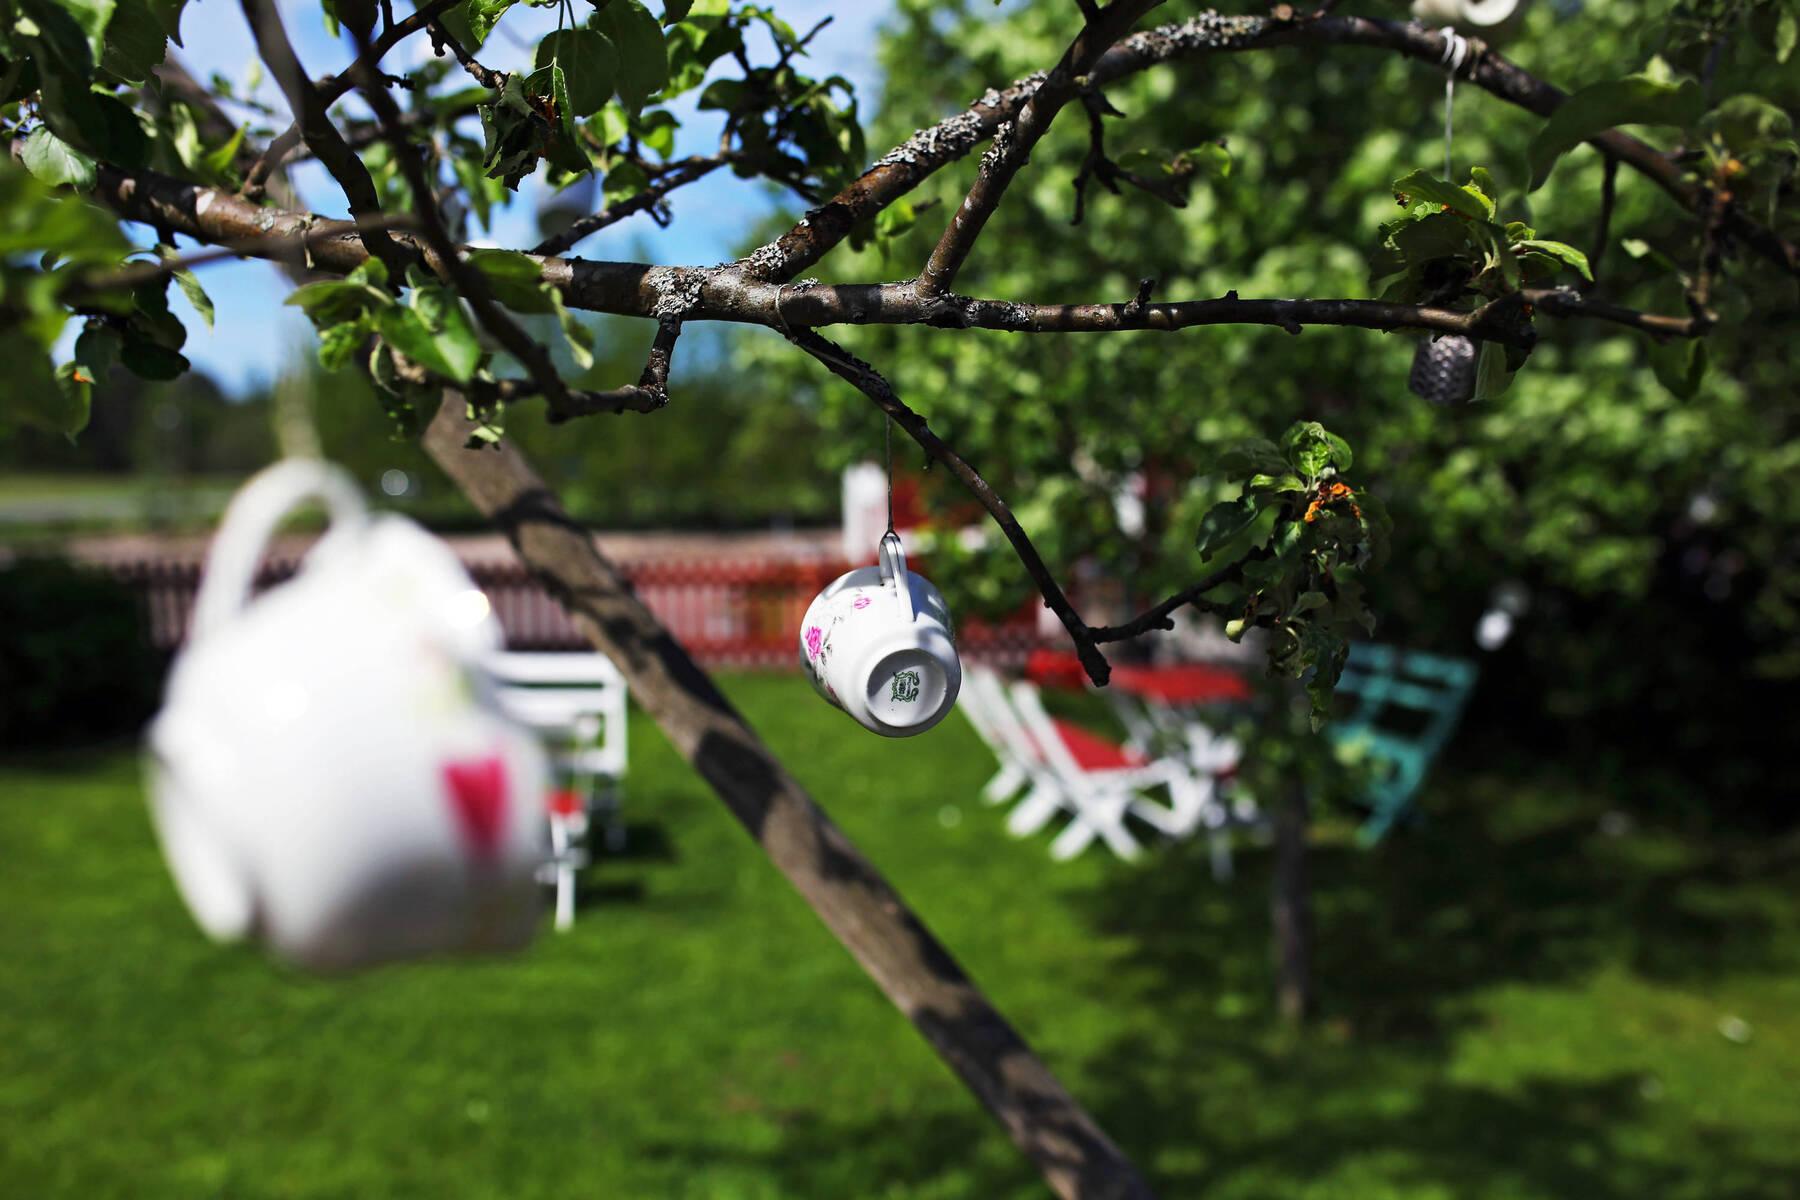 Tekoppar i trädgården hos Stockhultgårdens Tebod